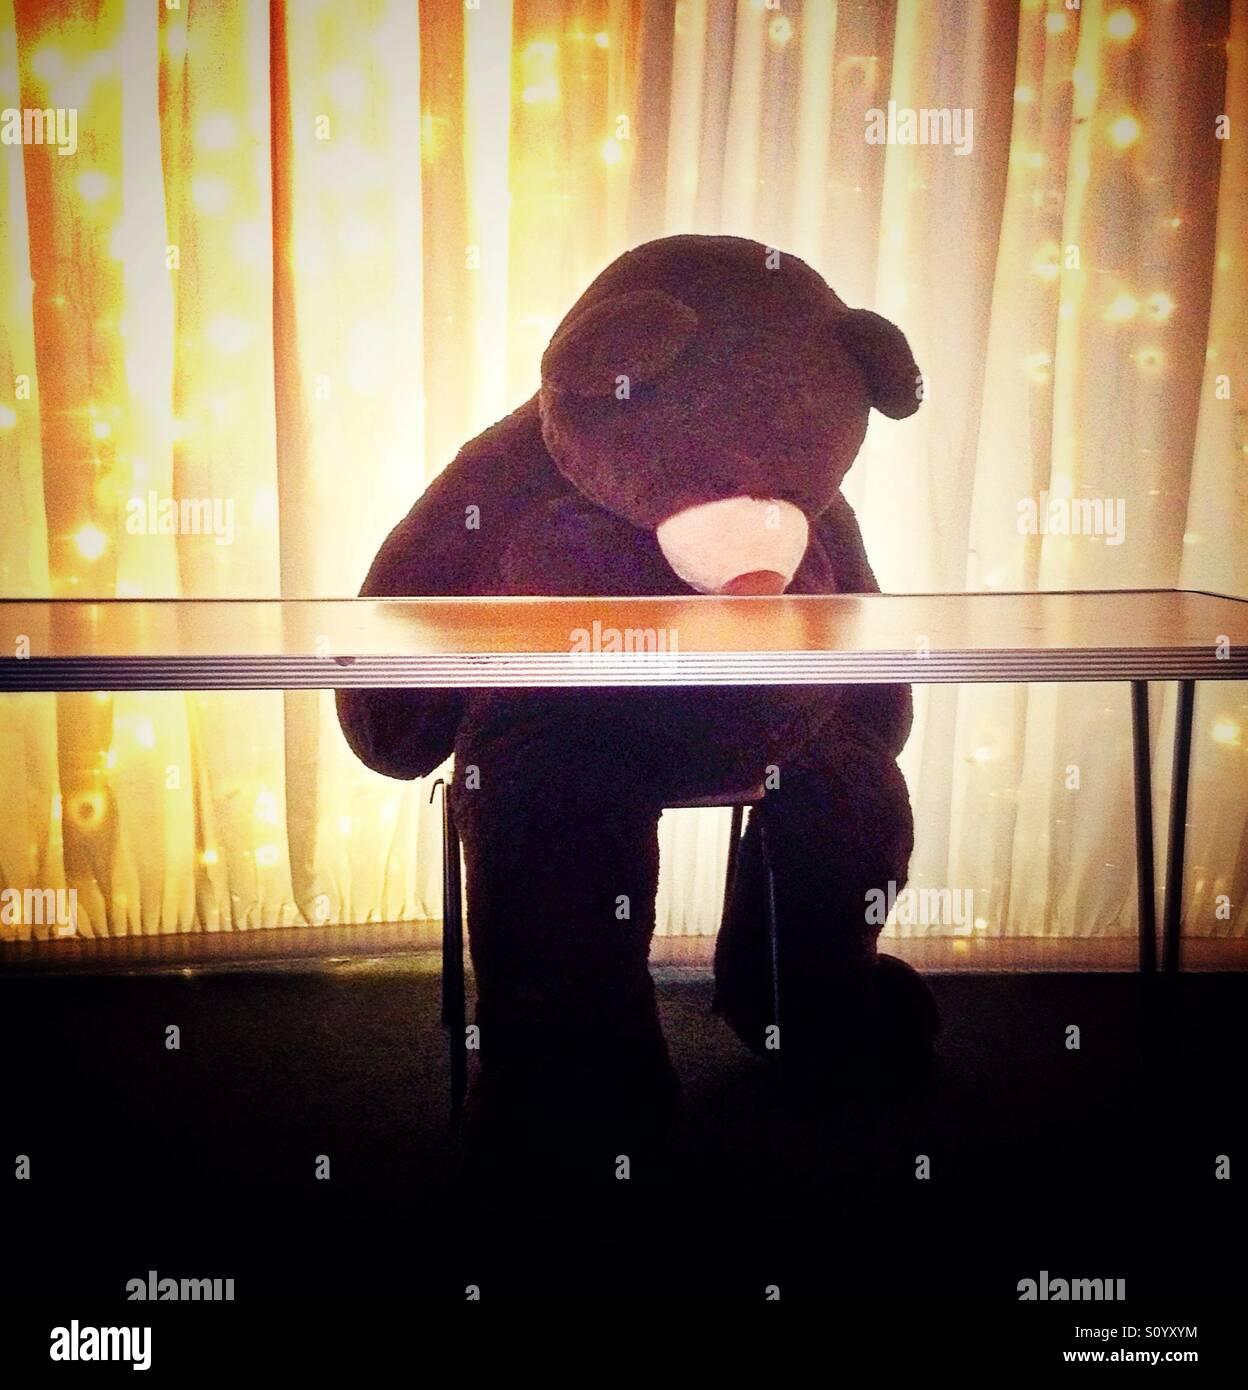 Gigantesco orso di peluche seduta a tavola cercando solitaria e triste Immagini Stock